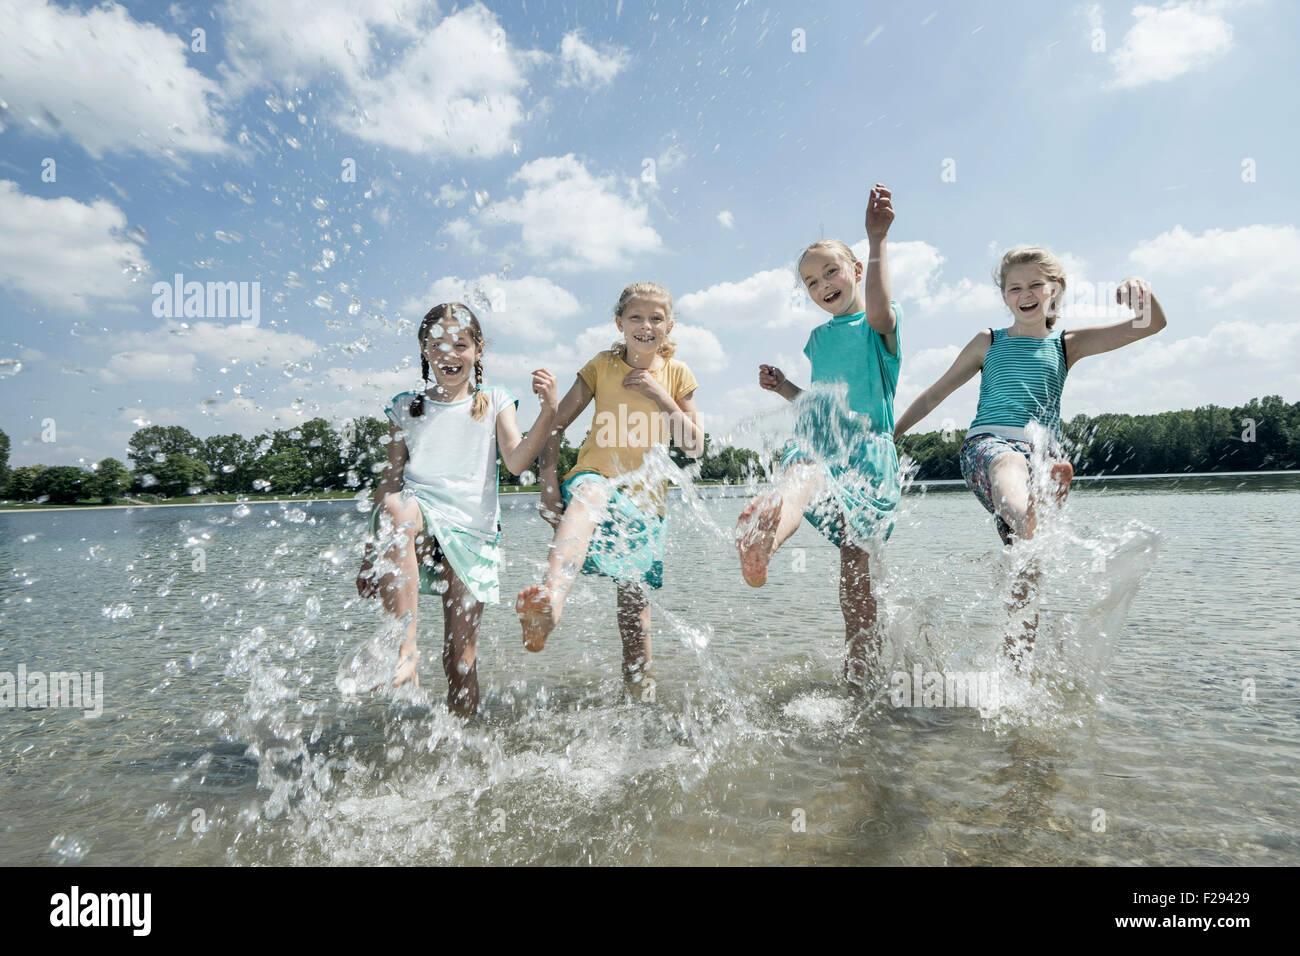 Groupe d'amis aux projections d'eau dans le lac, Bavière, Allemagne Photo Stock